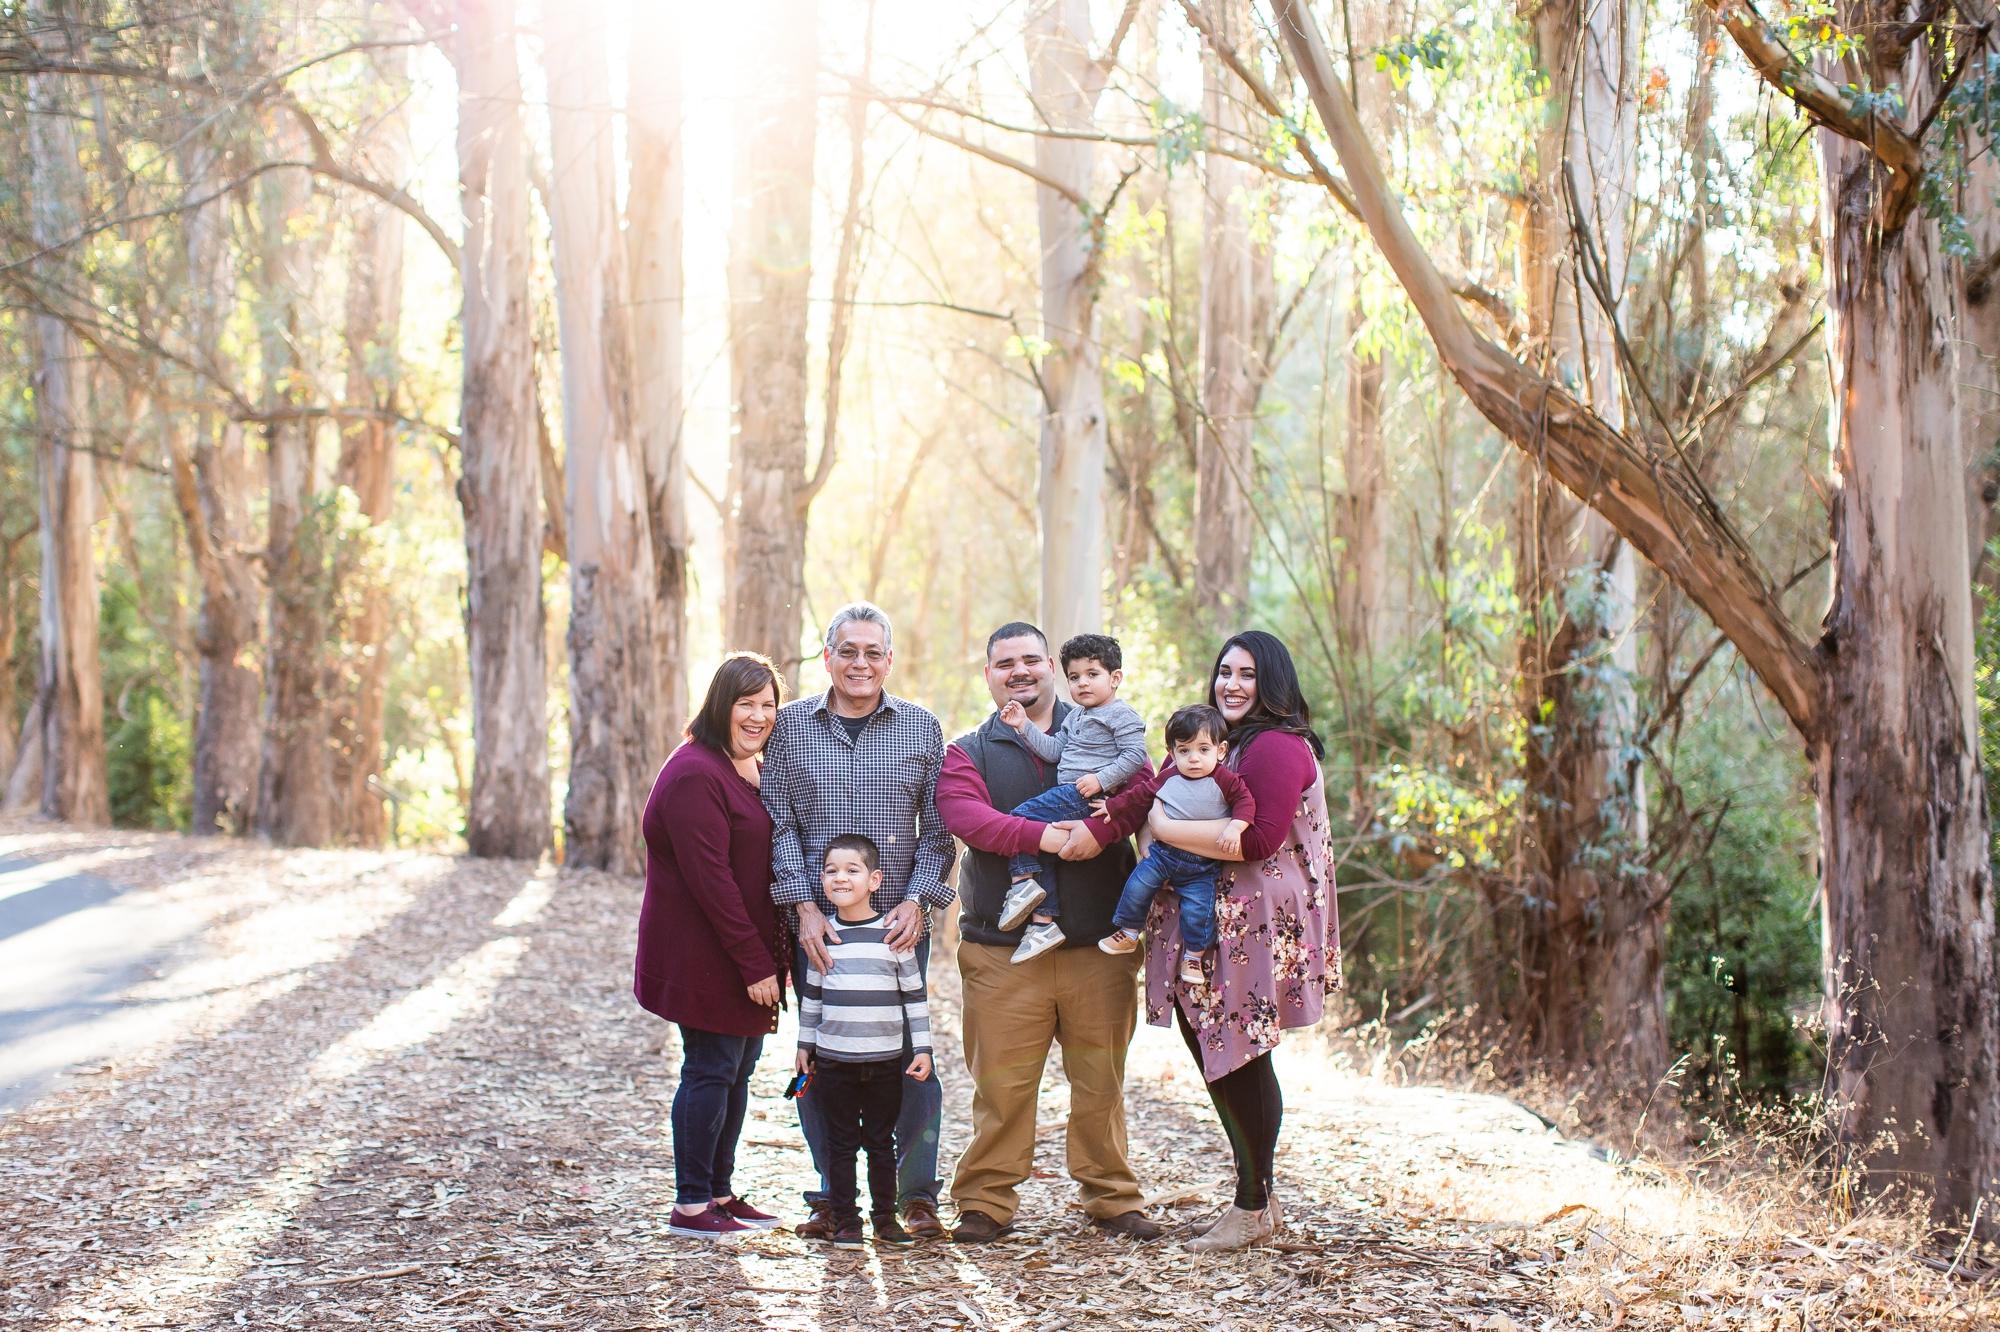 tilden park family photography 1.jpg